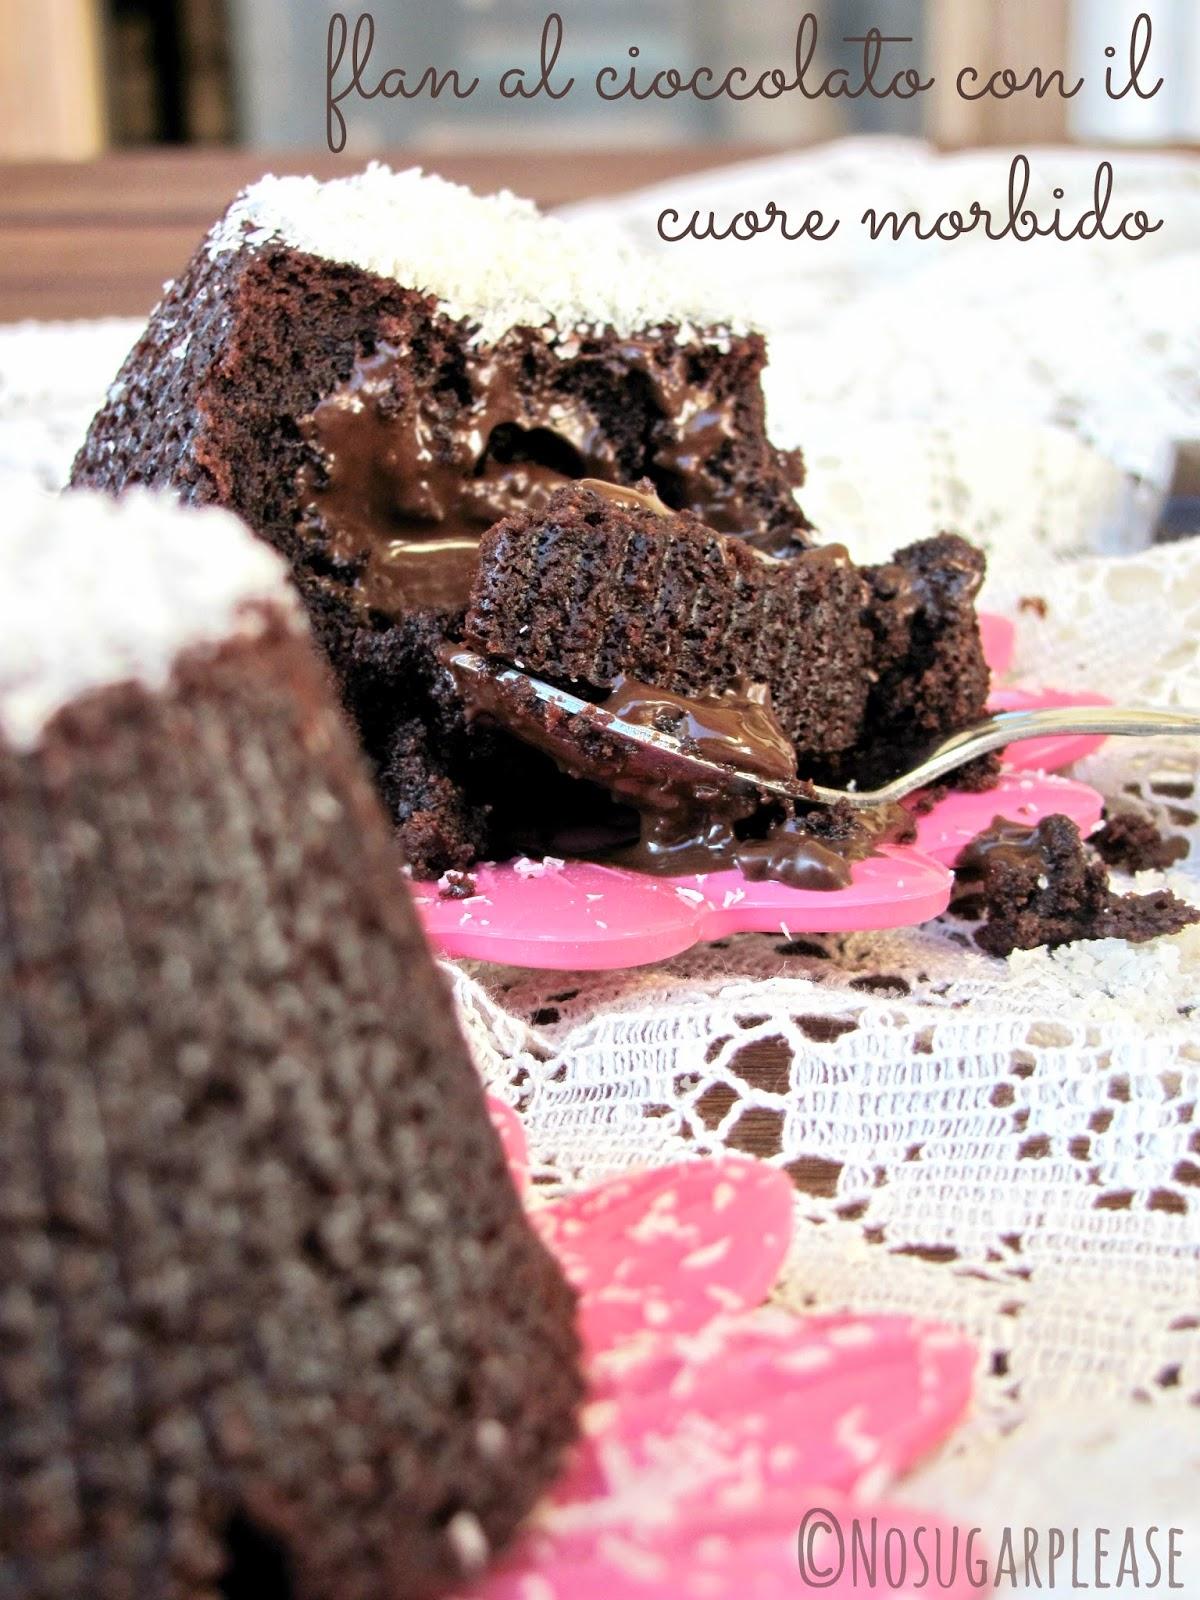 flan al cioccolato con cuore morbido